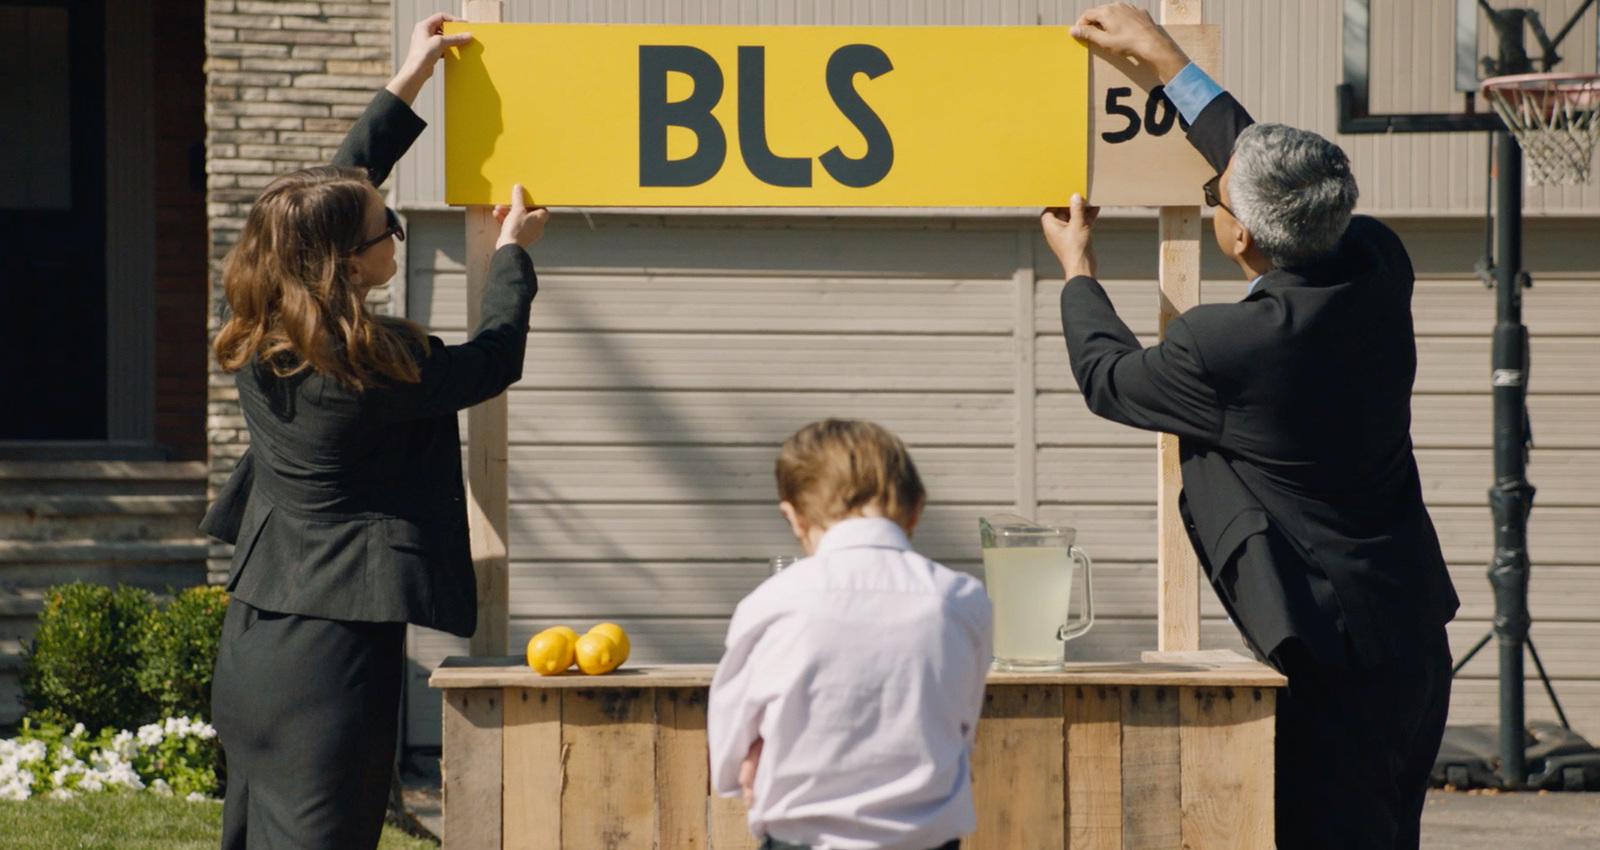 Billy's Lemonade